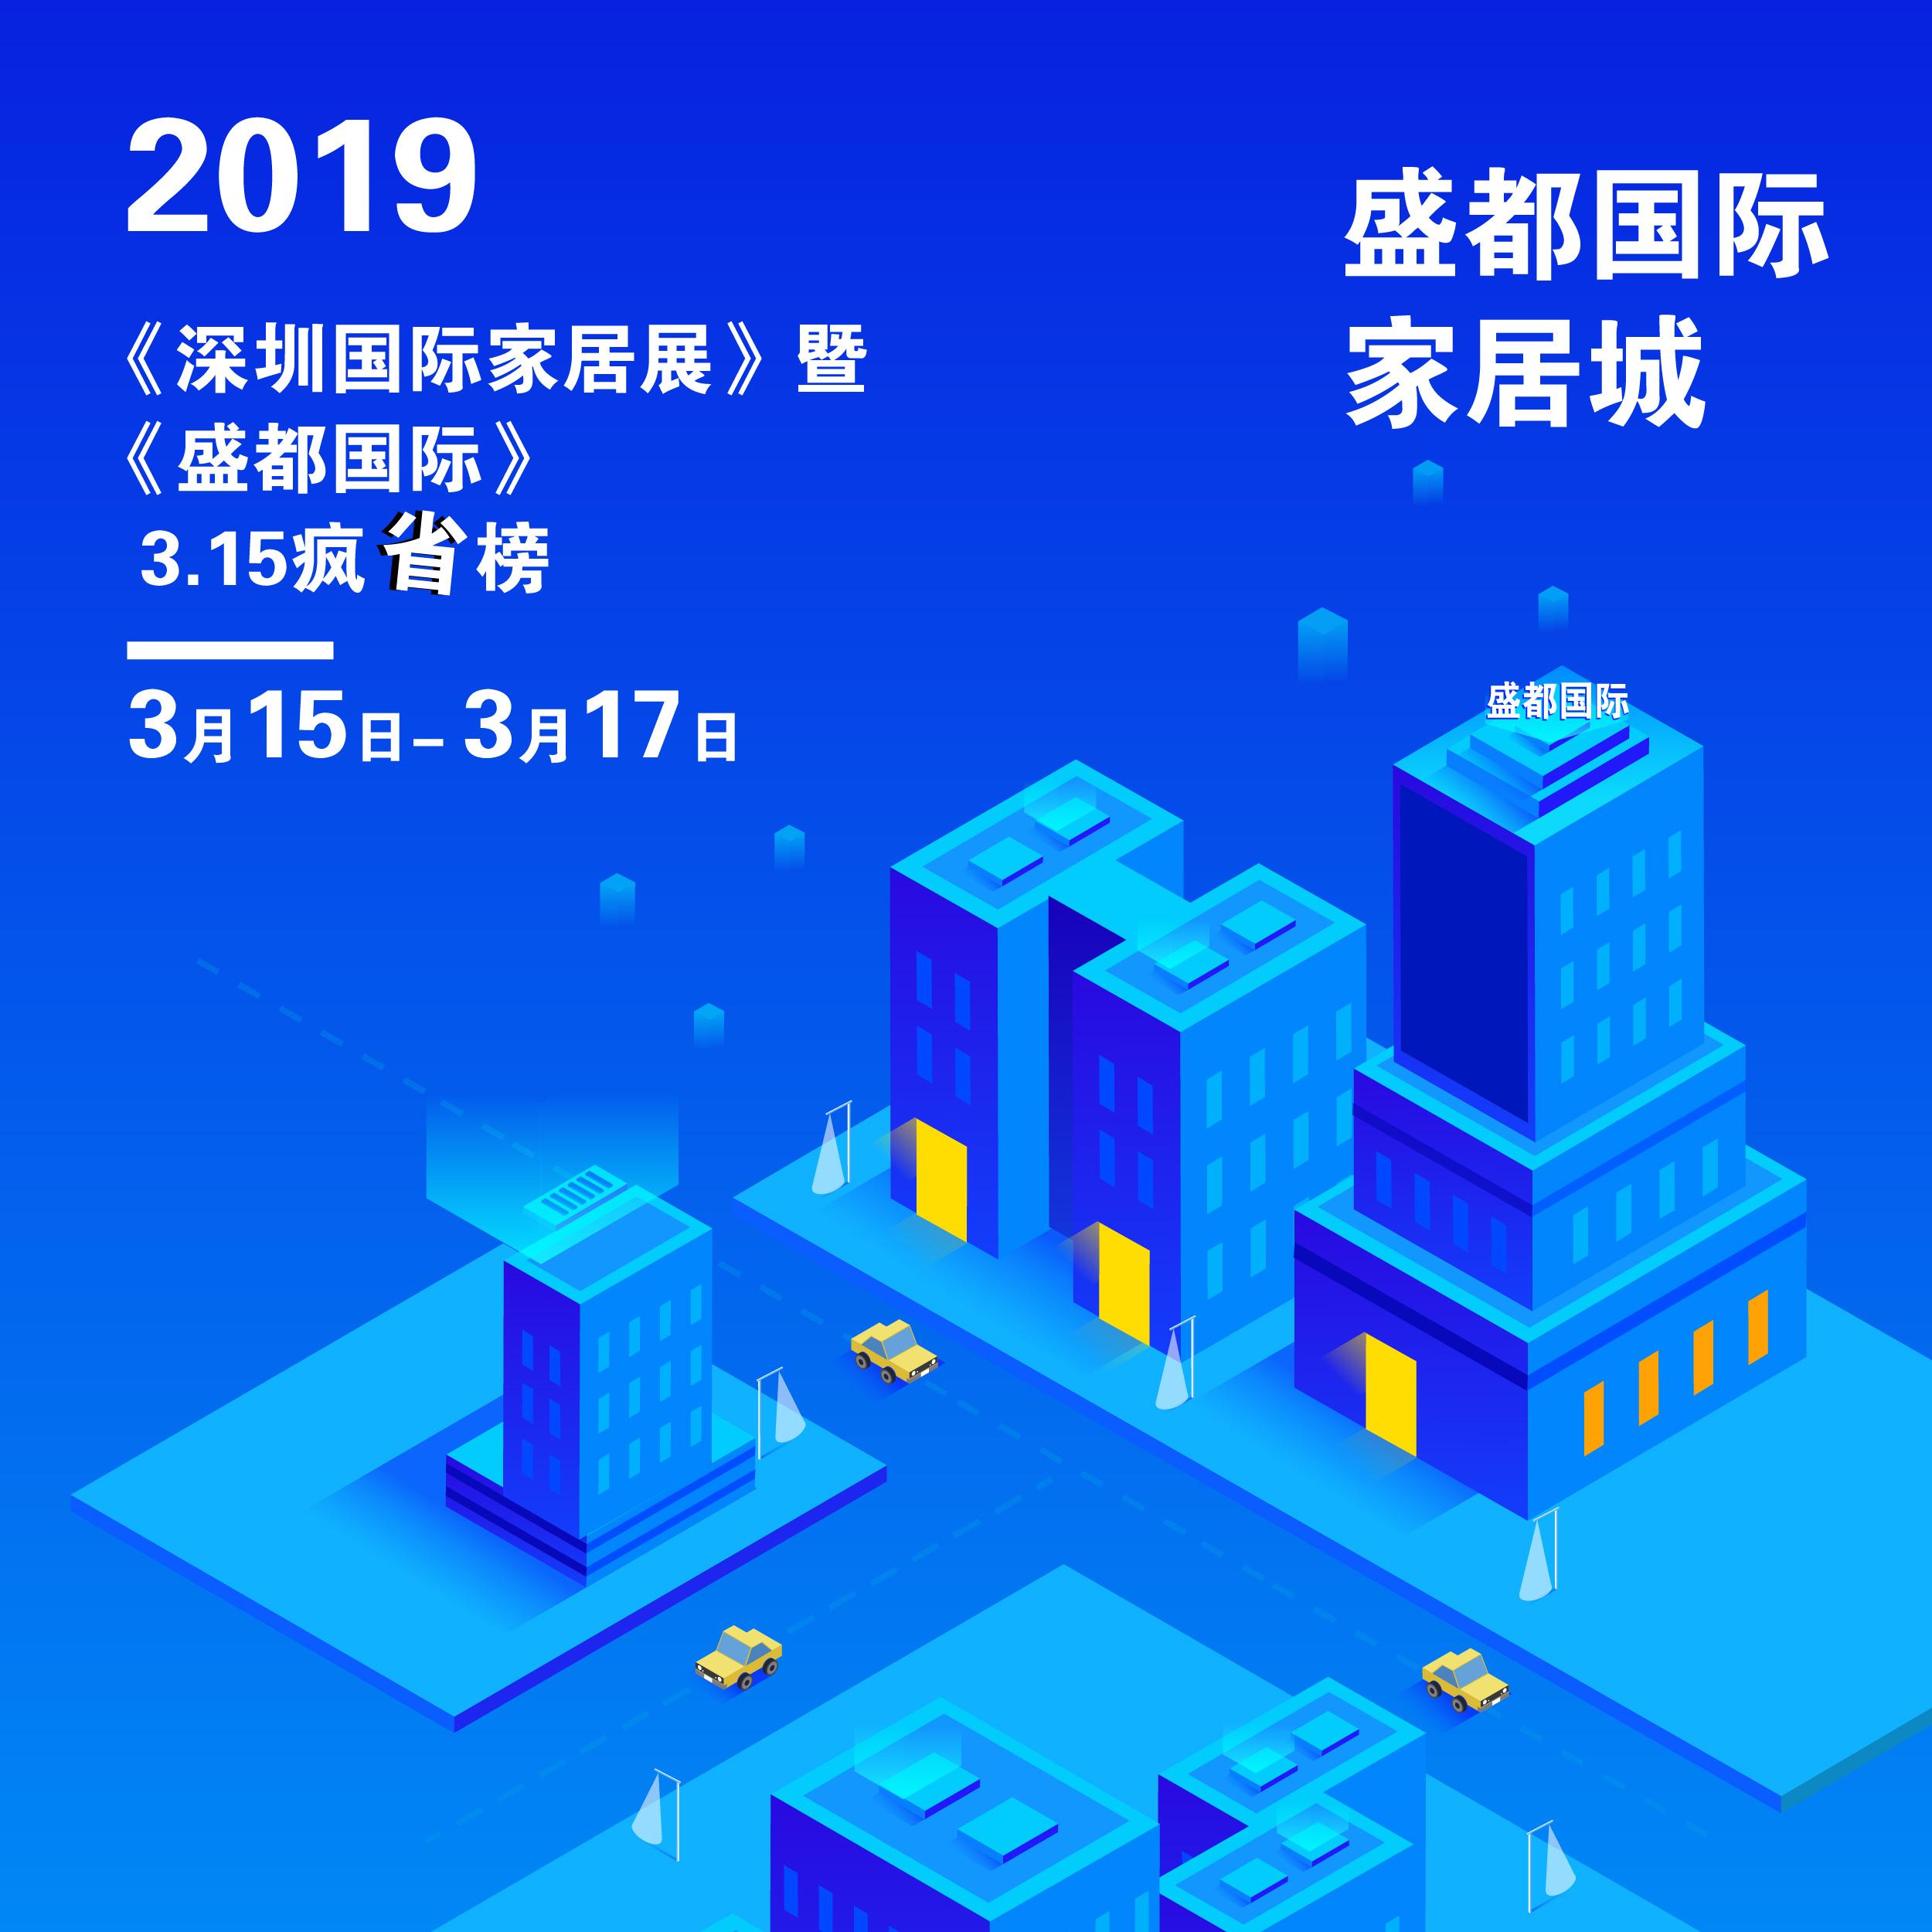 《深圳国际家居展》暨《盛都国际》3.15疯省 榜